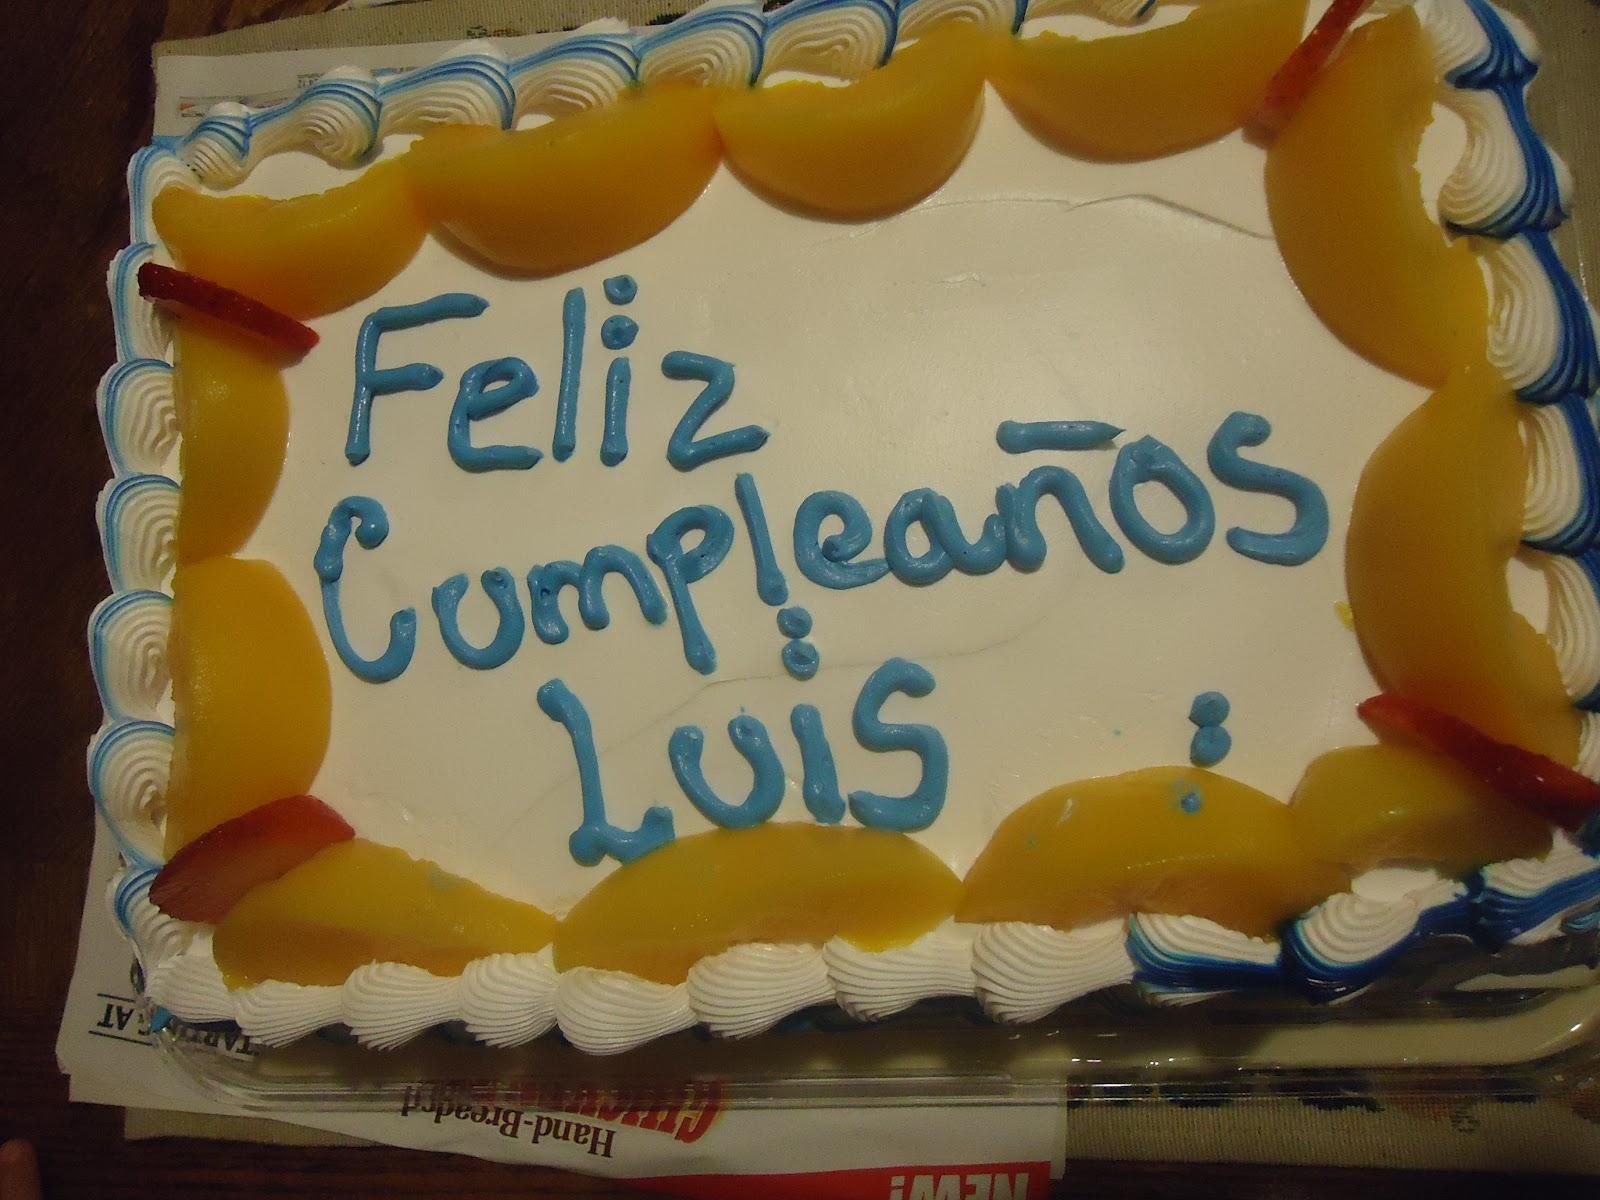 Vergarays Happy Birthday Luis